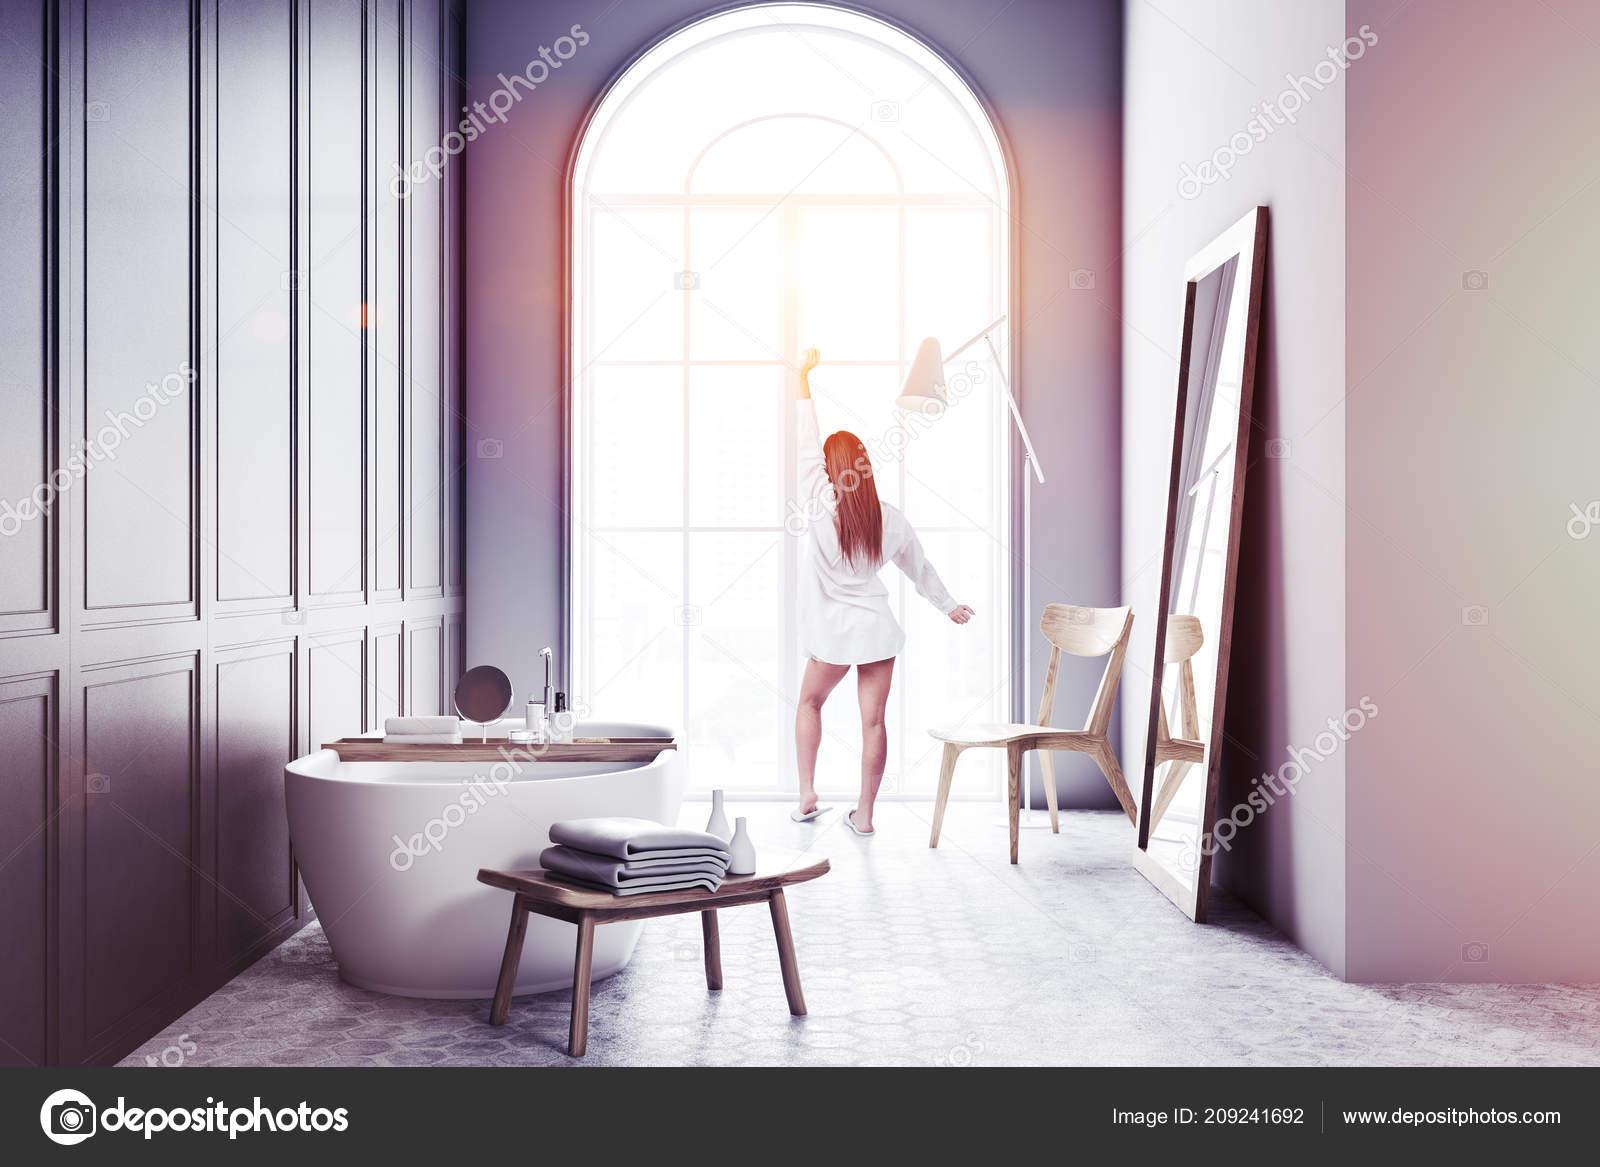 Donna vicino all elegante vasca bagno bianca riempita acqua piedi